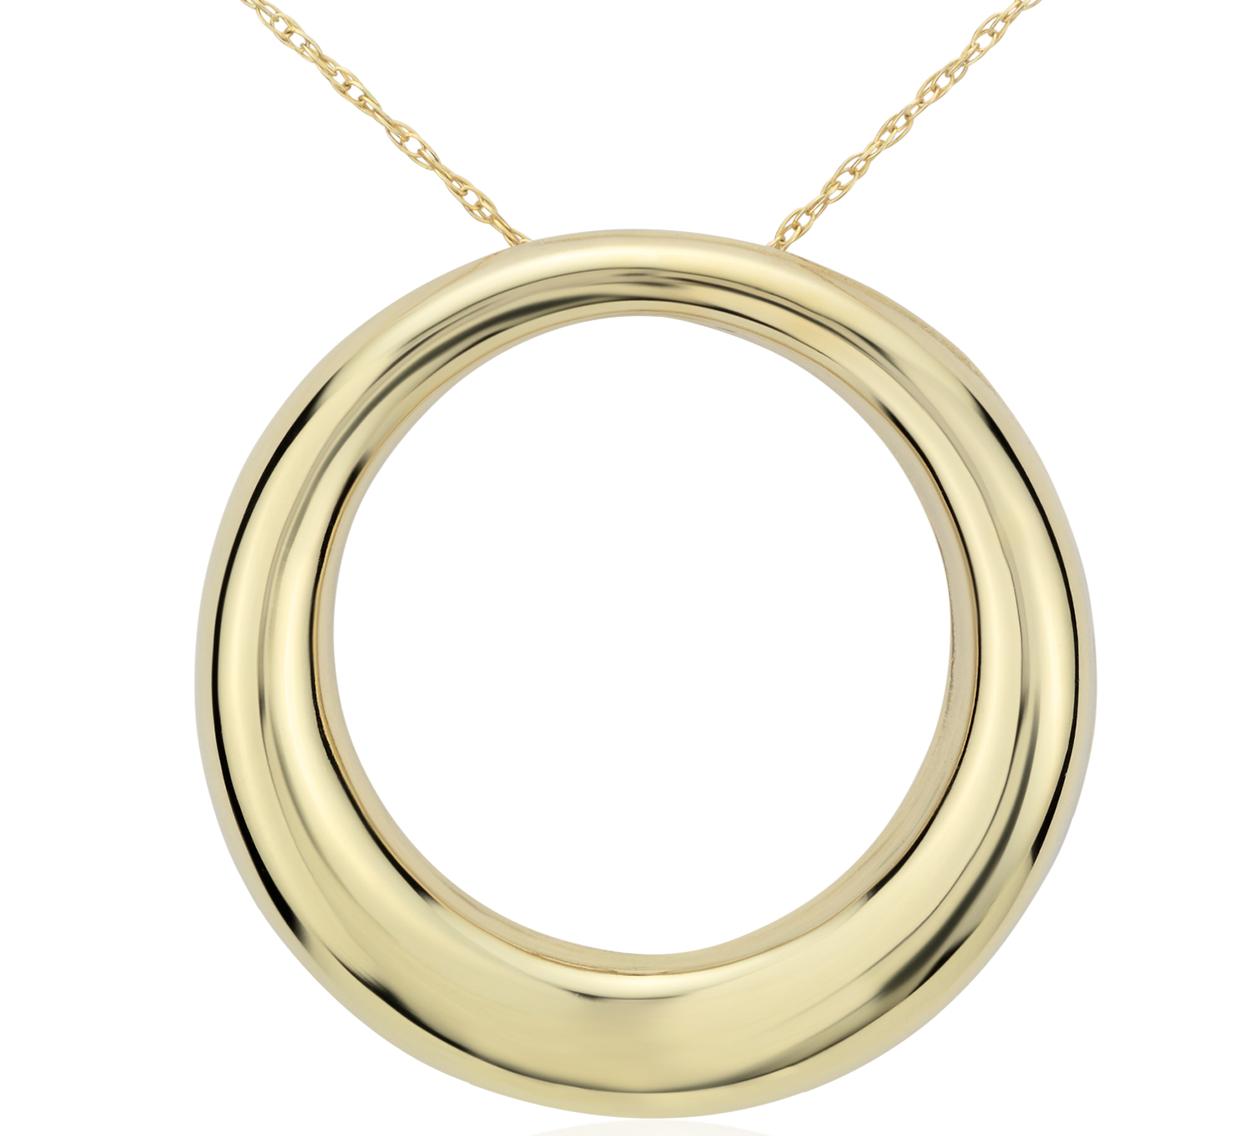 Pendentif cercle ouvert en or jaune 14carats